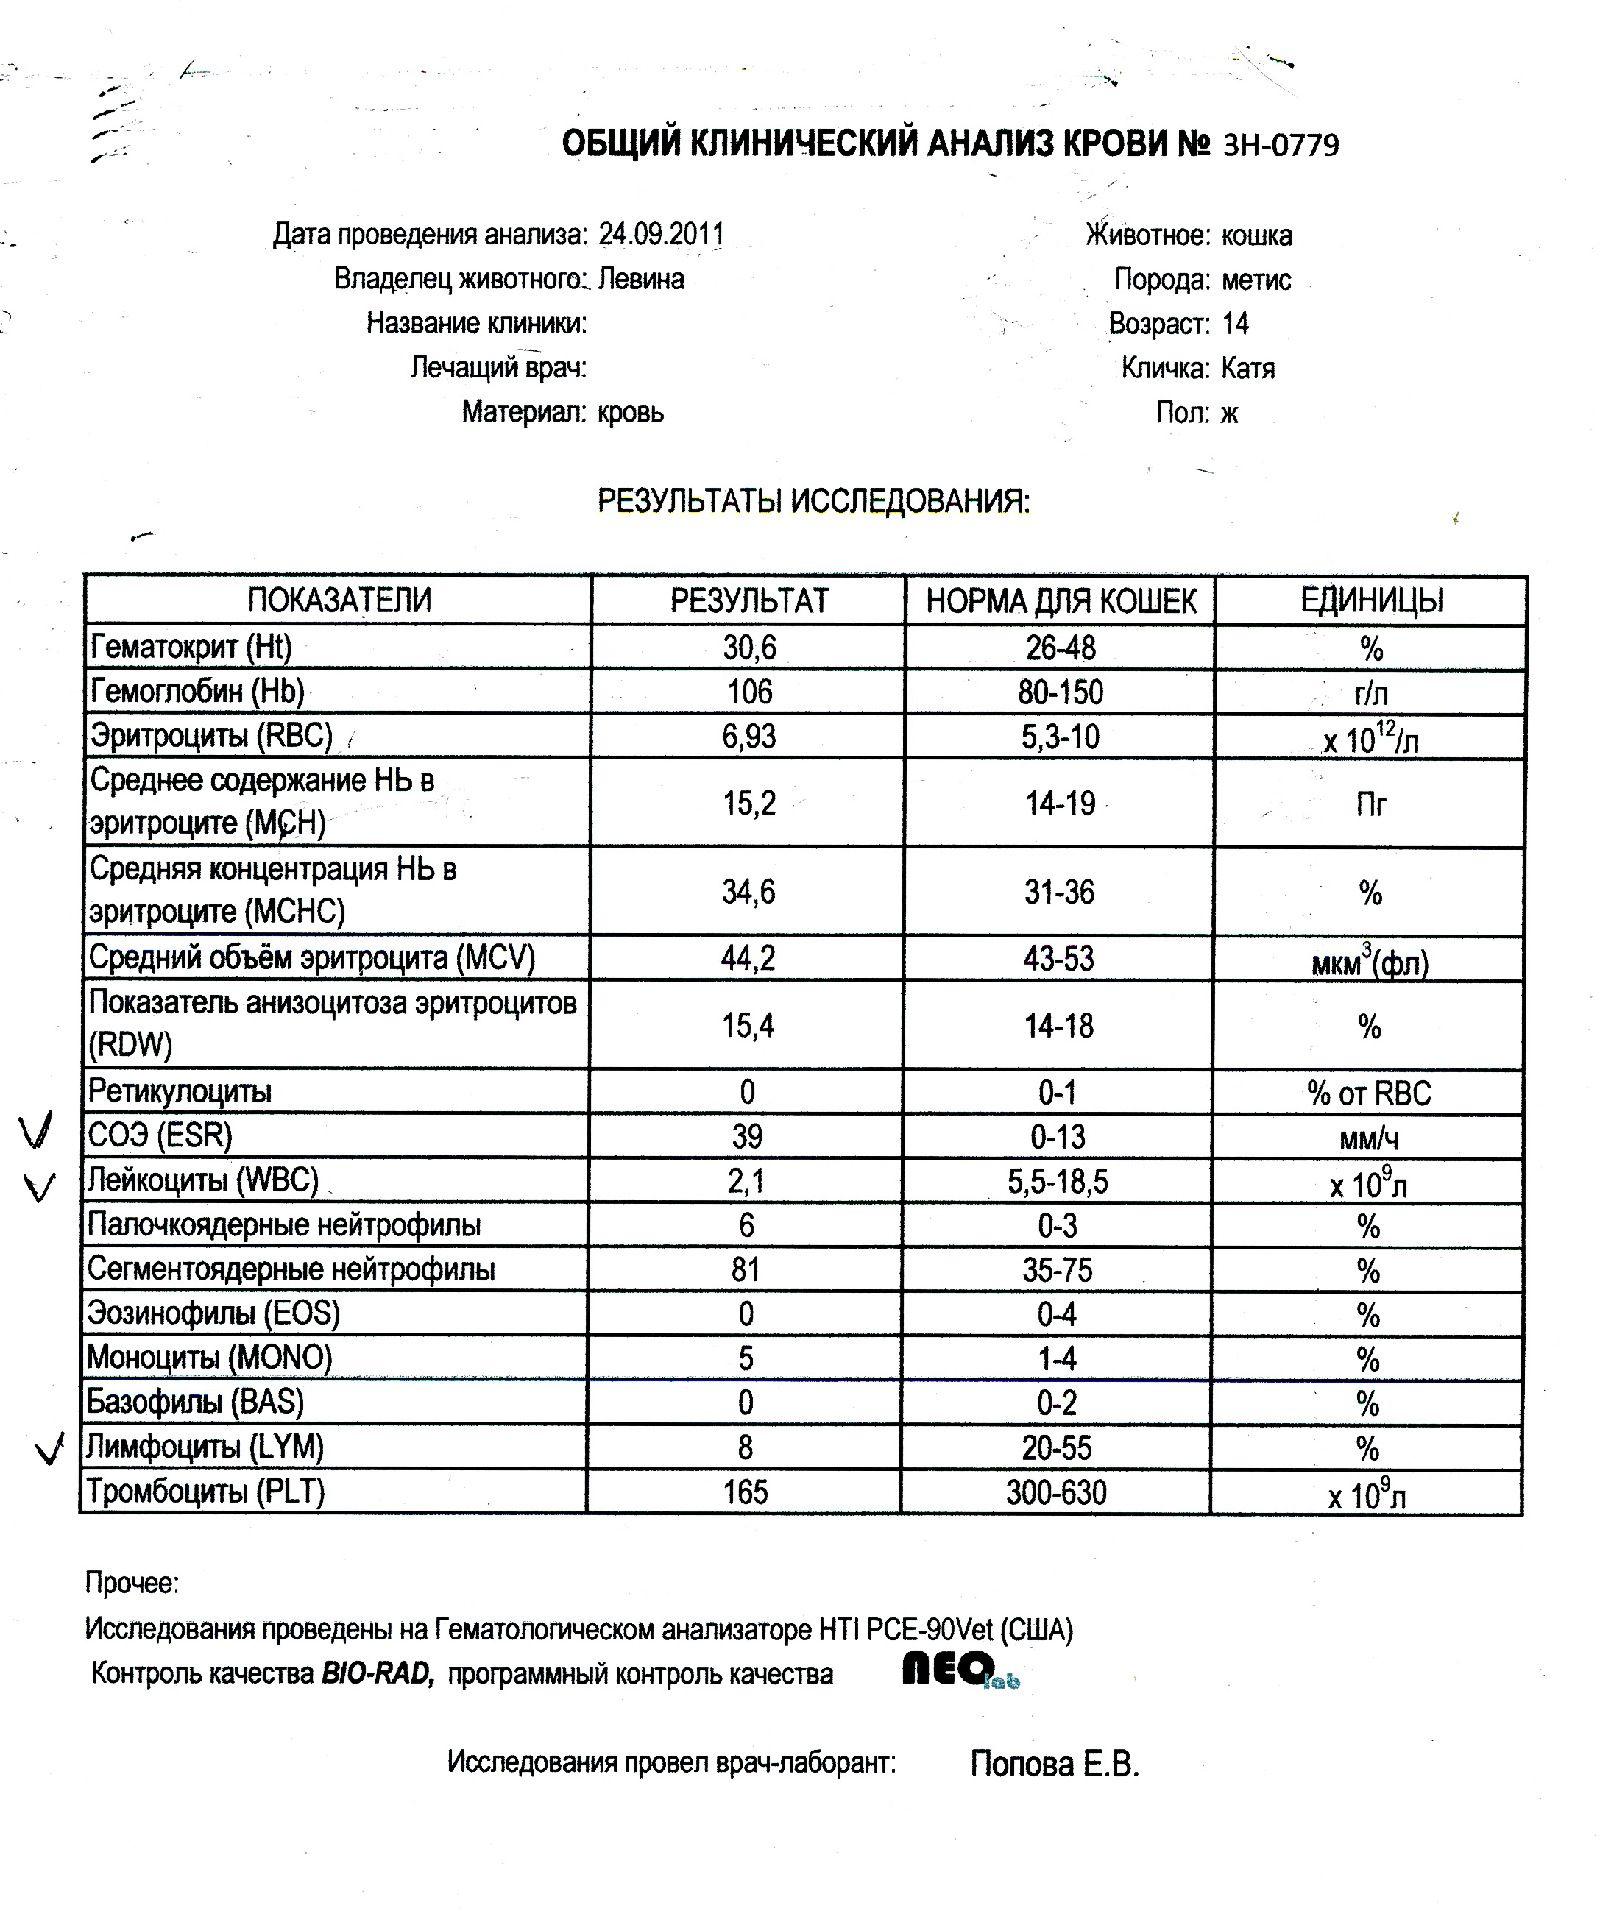 Результаты клинического анализа крови 14 фотография